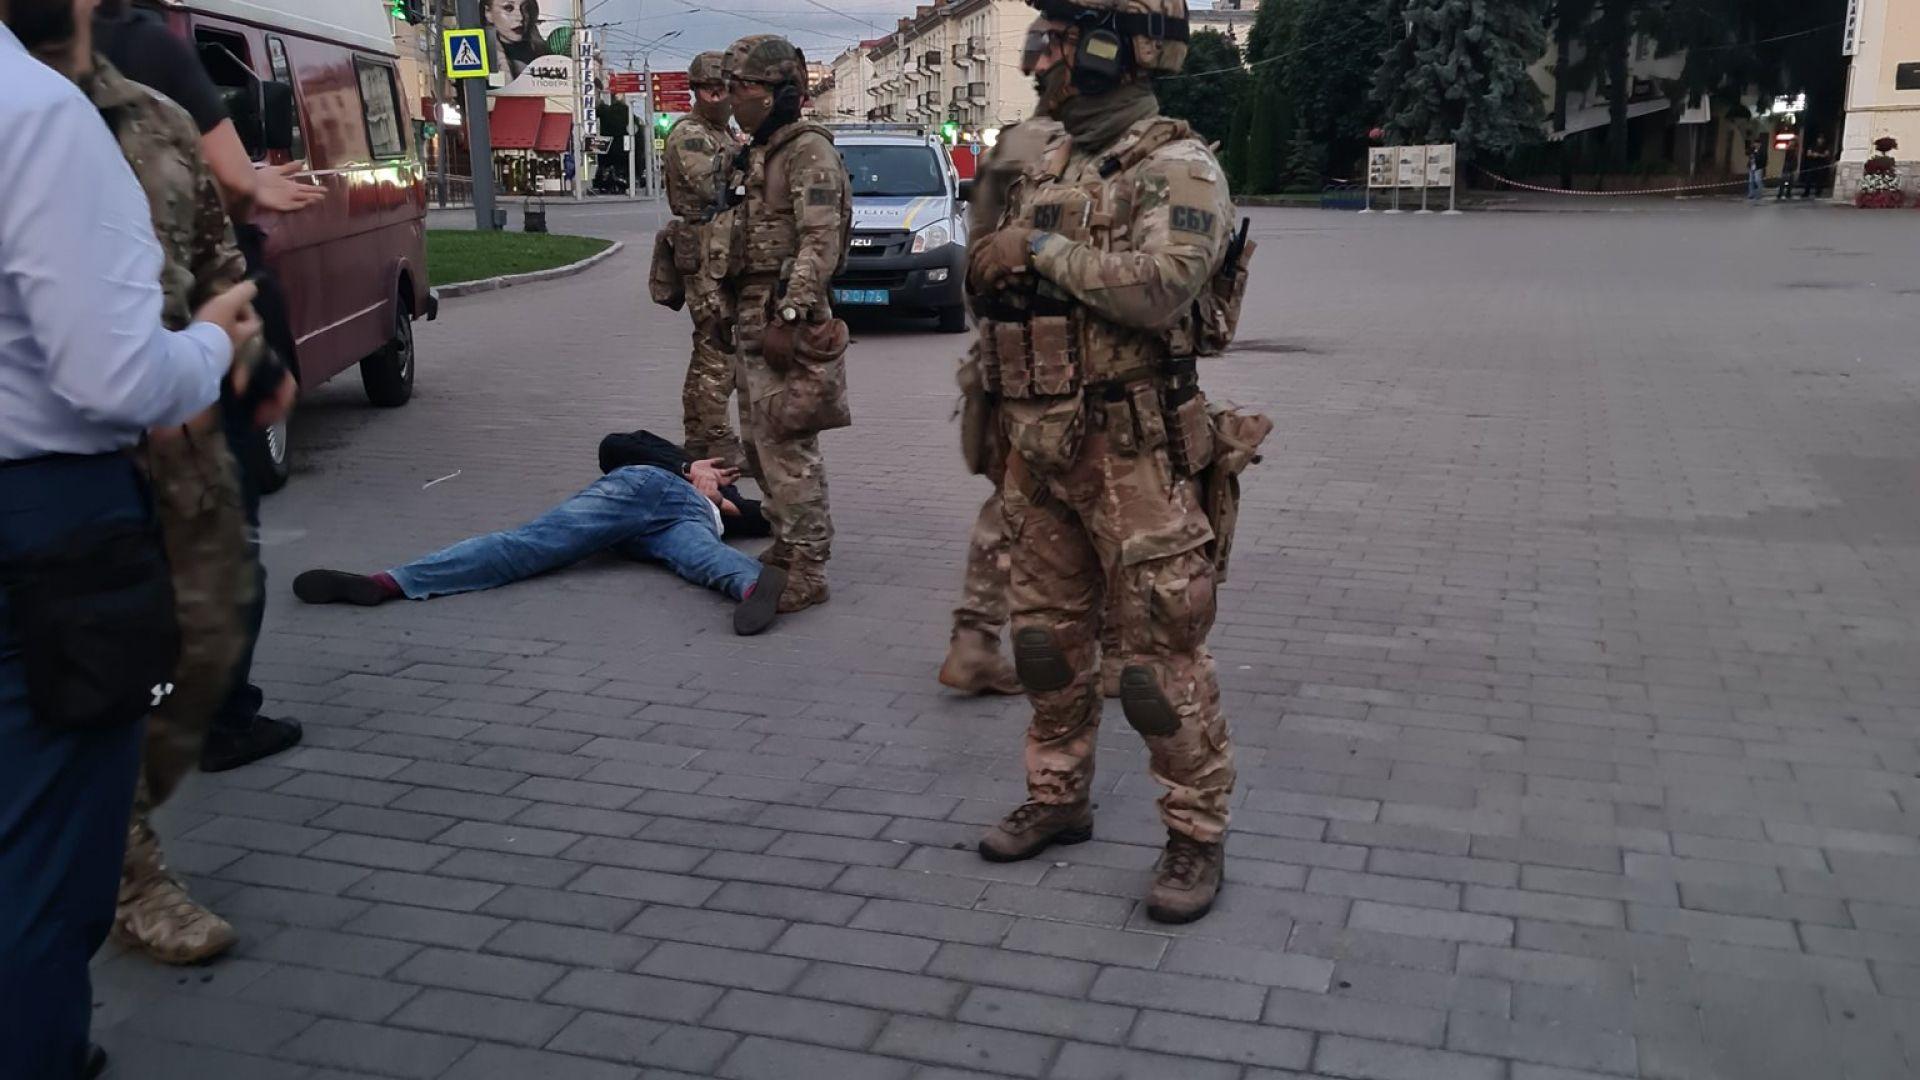 Зеленски изпълни искане на терориста, но полицията го задържа и освободи заложниците (снимки, видео)